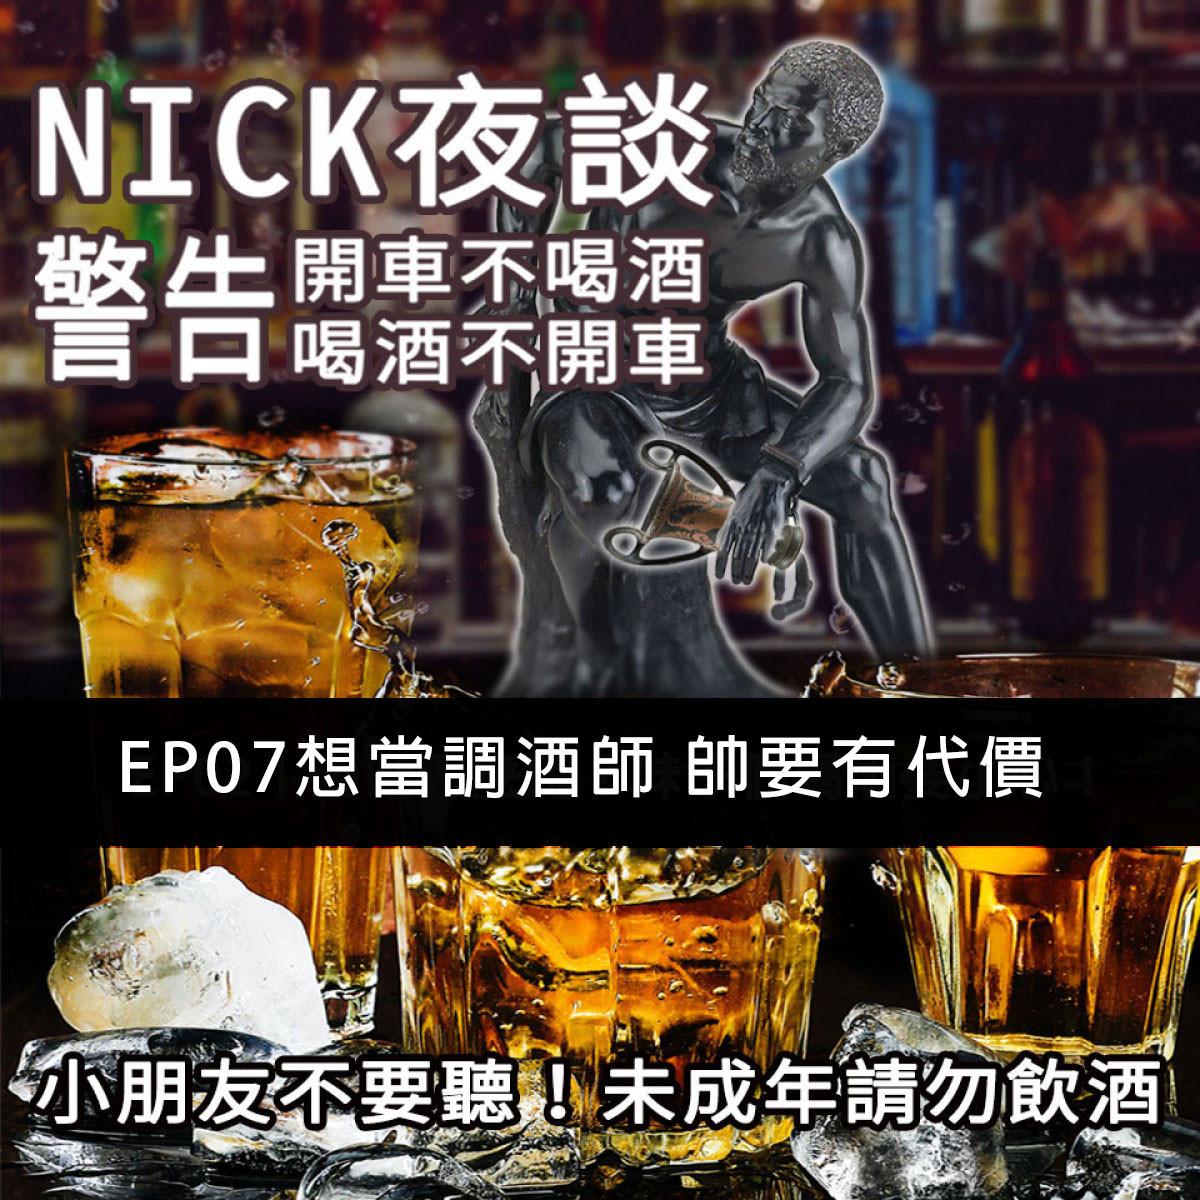 夜談第一季EP07|想當調酒師 帥要有代價